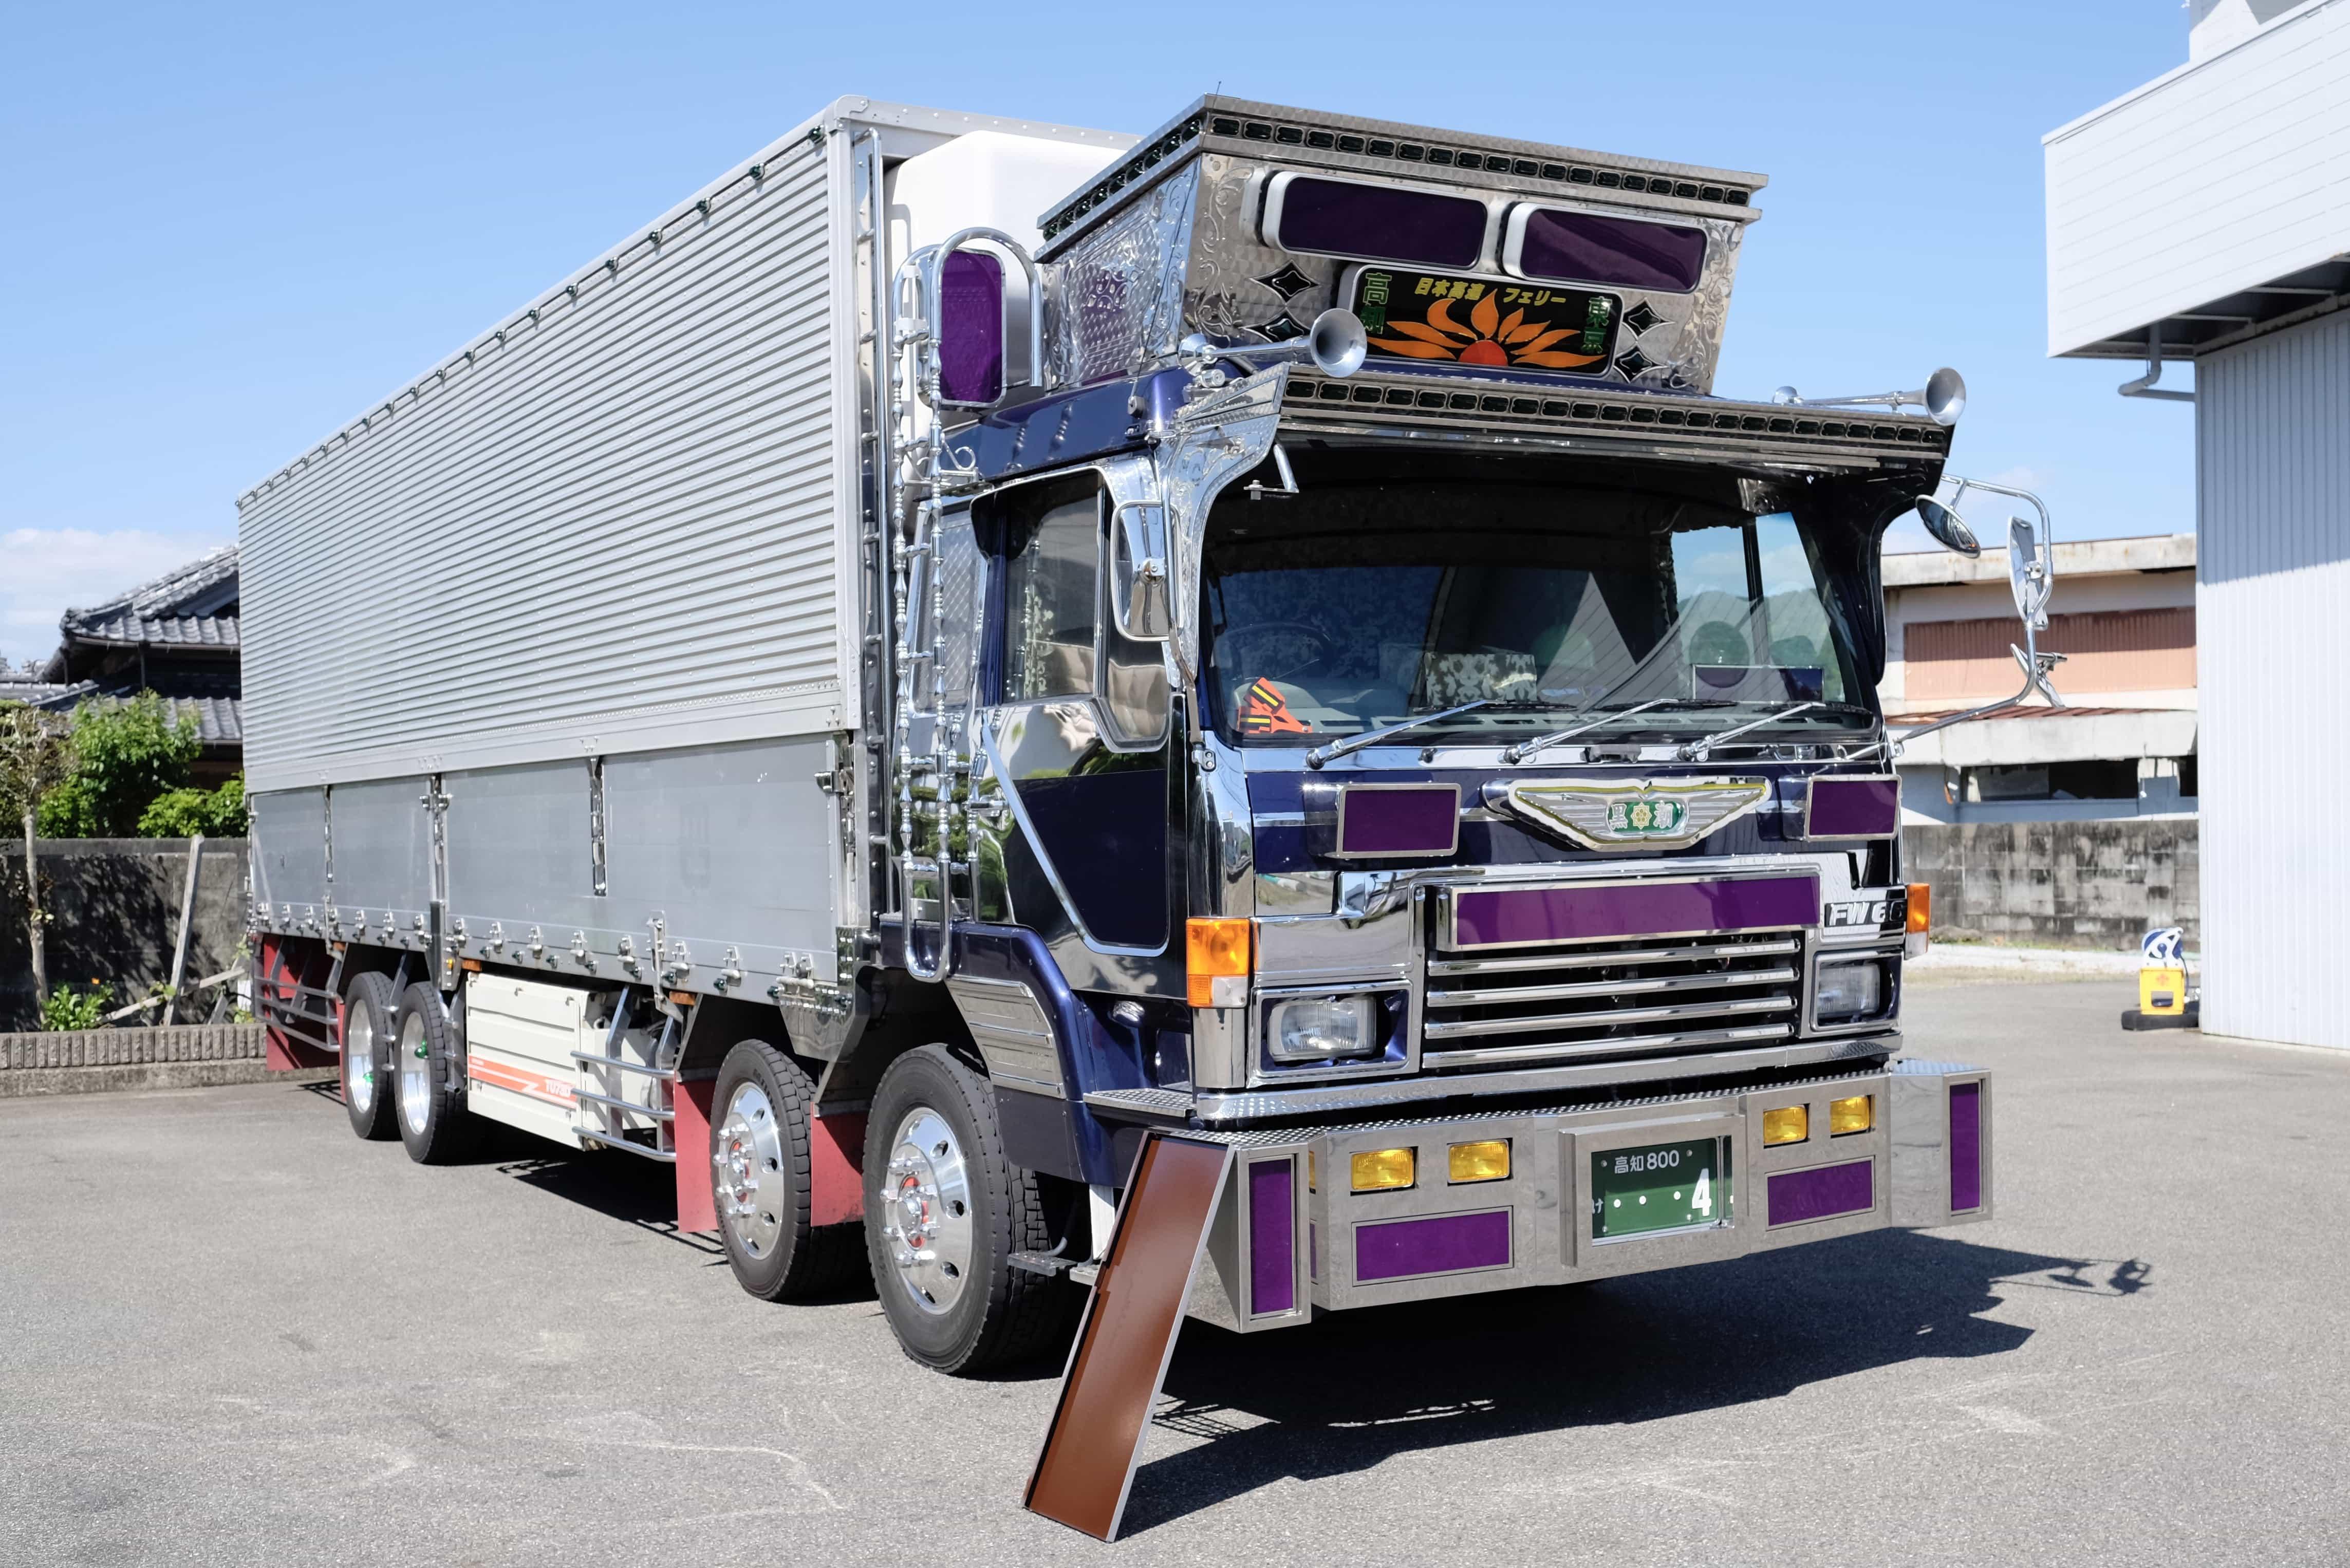 Bling truck